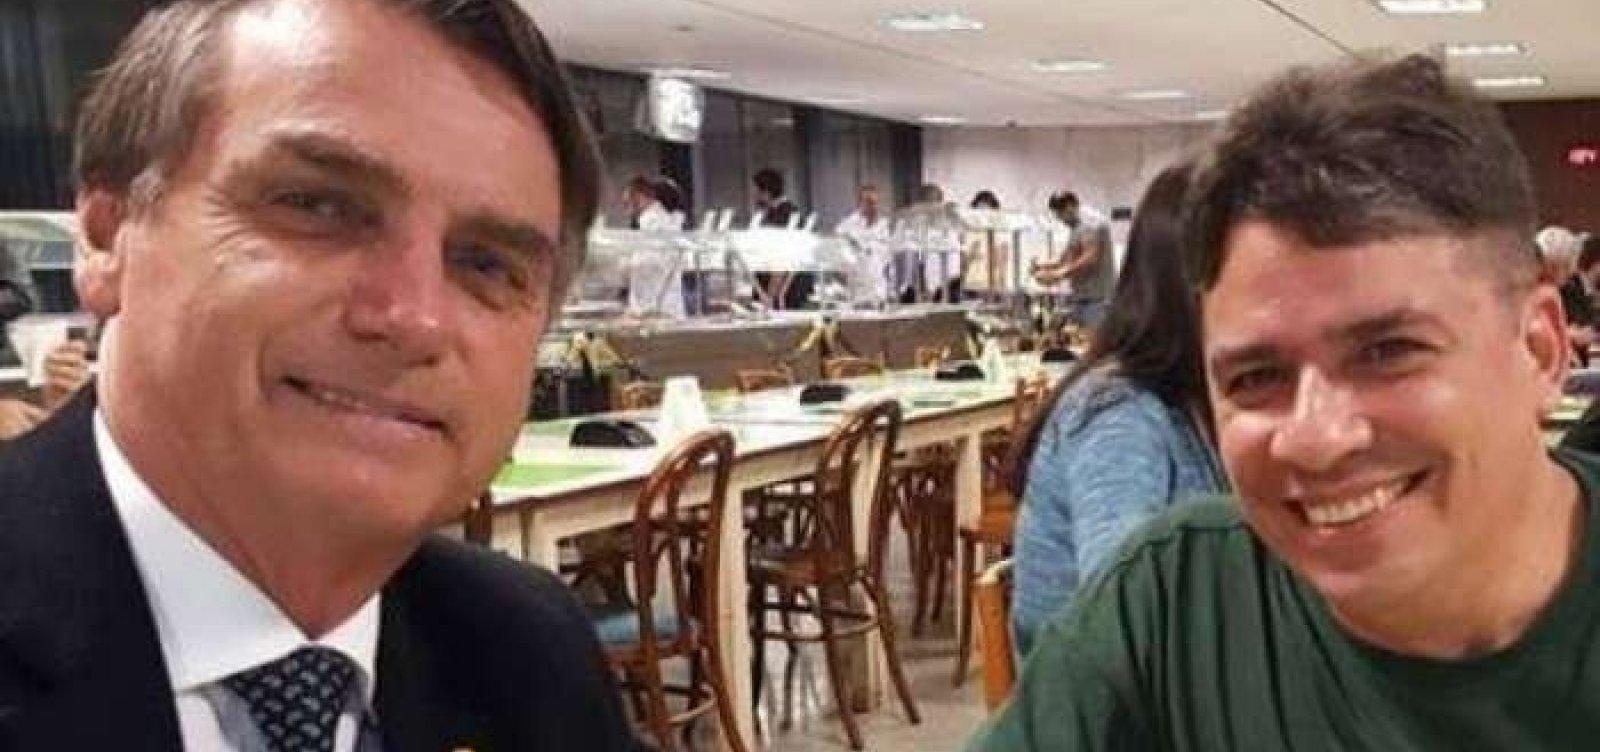 [Após promoção, amigo de Bolsonaro pula cinco níveis hierárquicos]